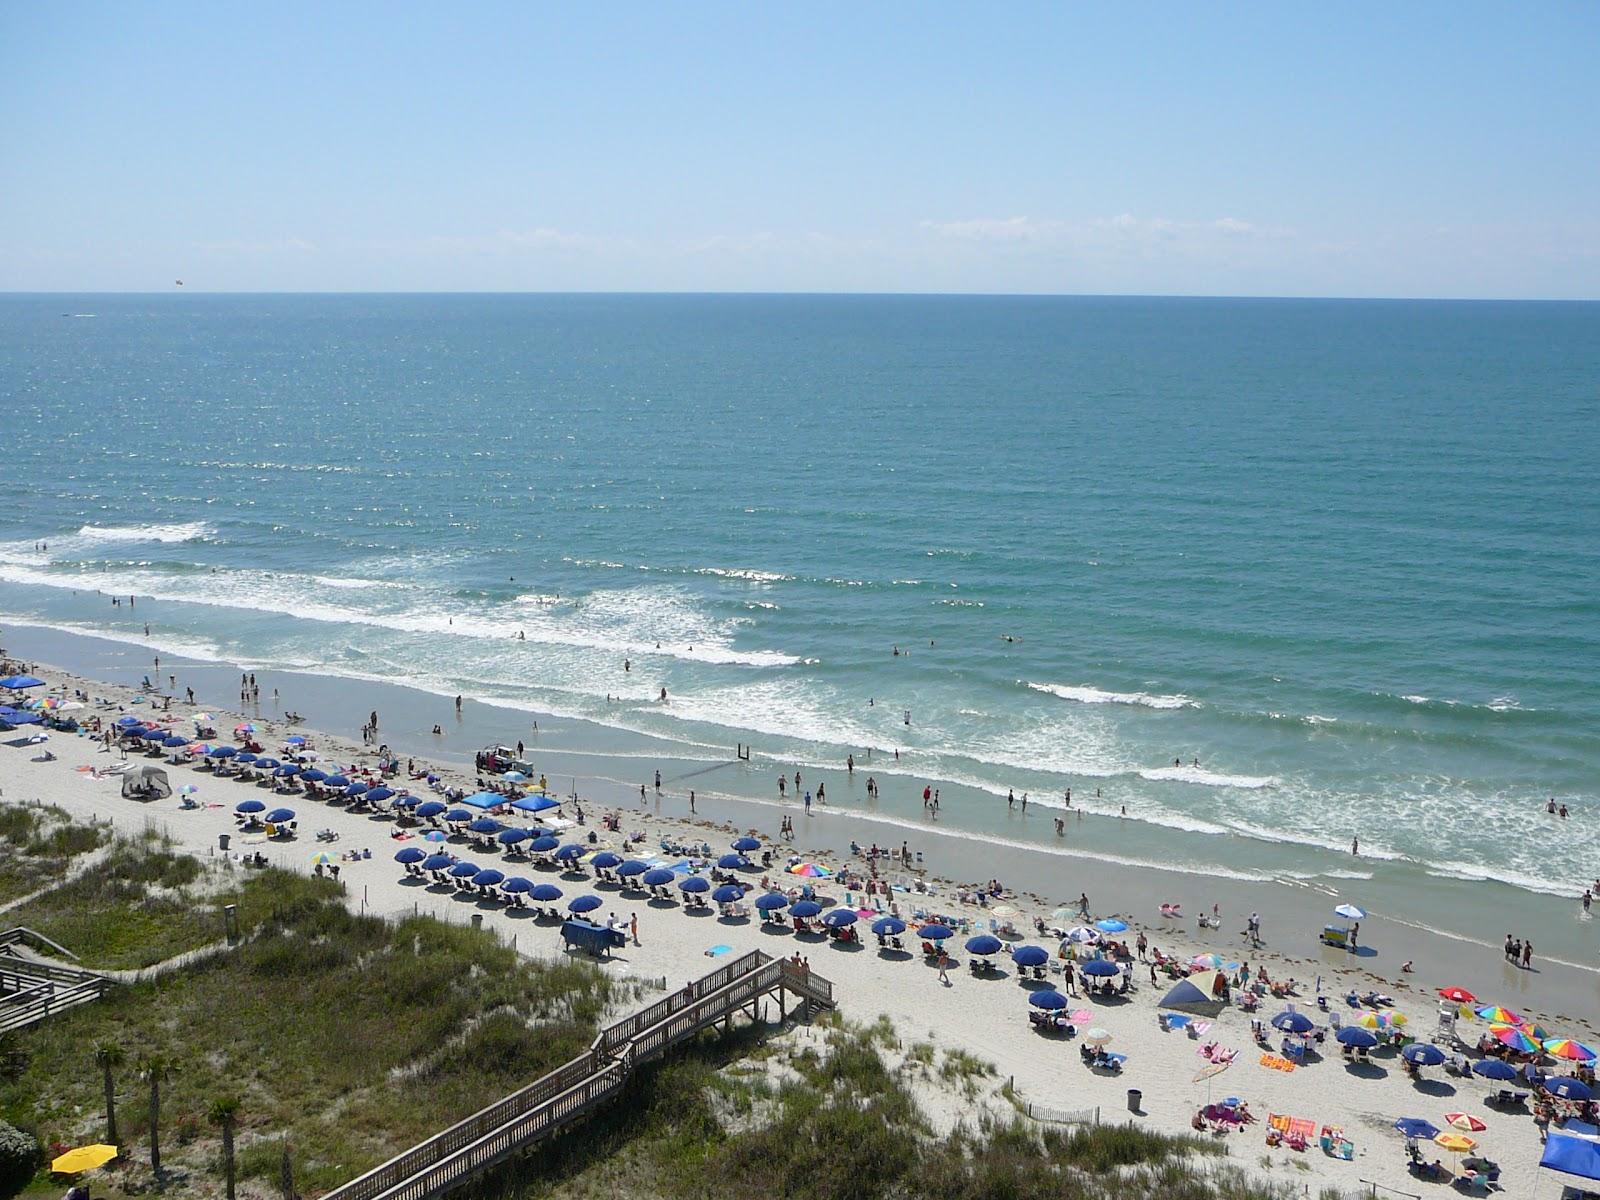 Plaža Myrtle v Južni Karolini Pregled Zadetki Vse-3135